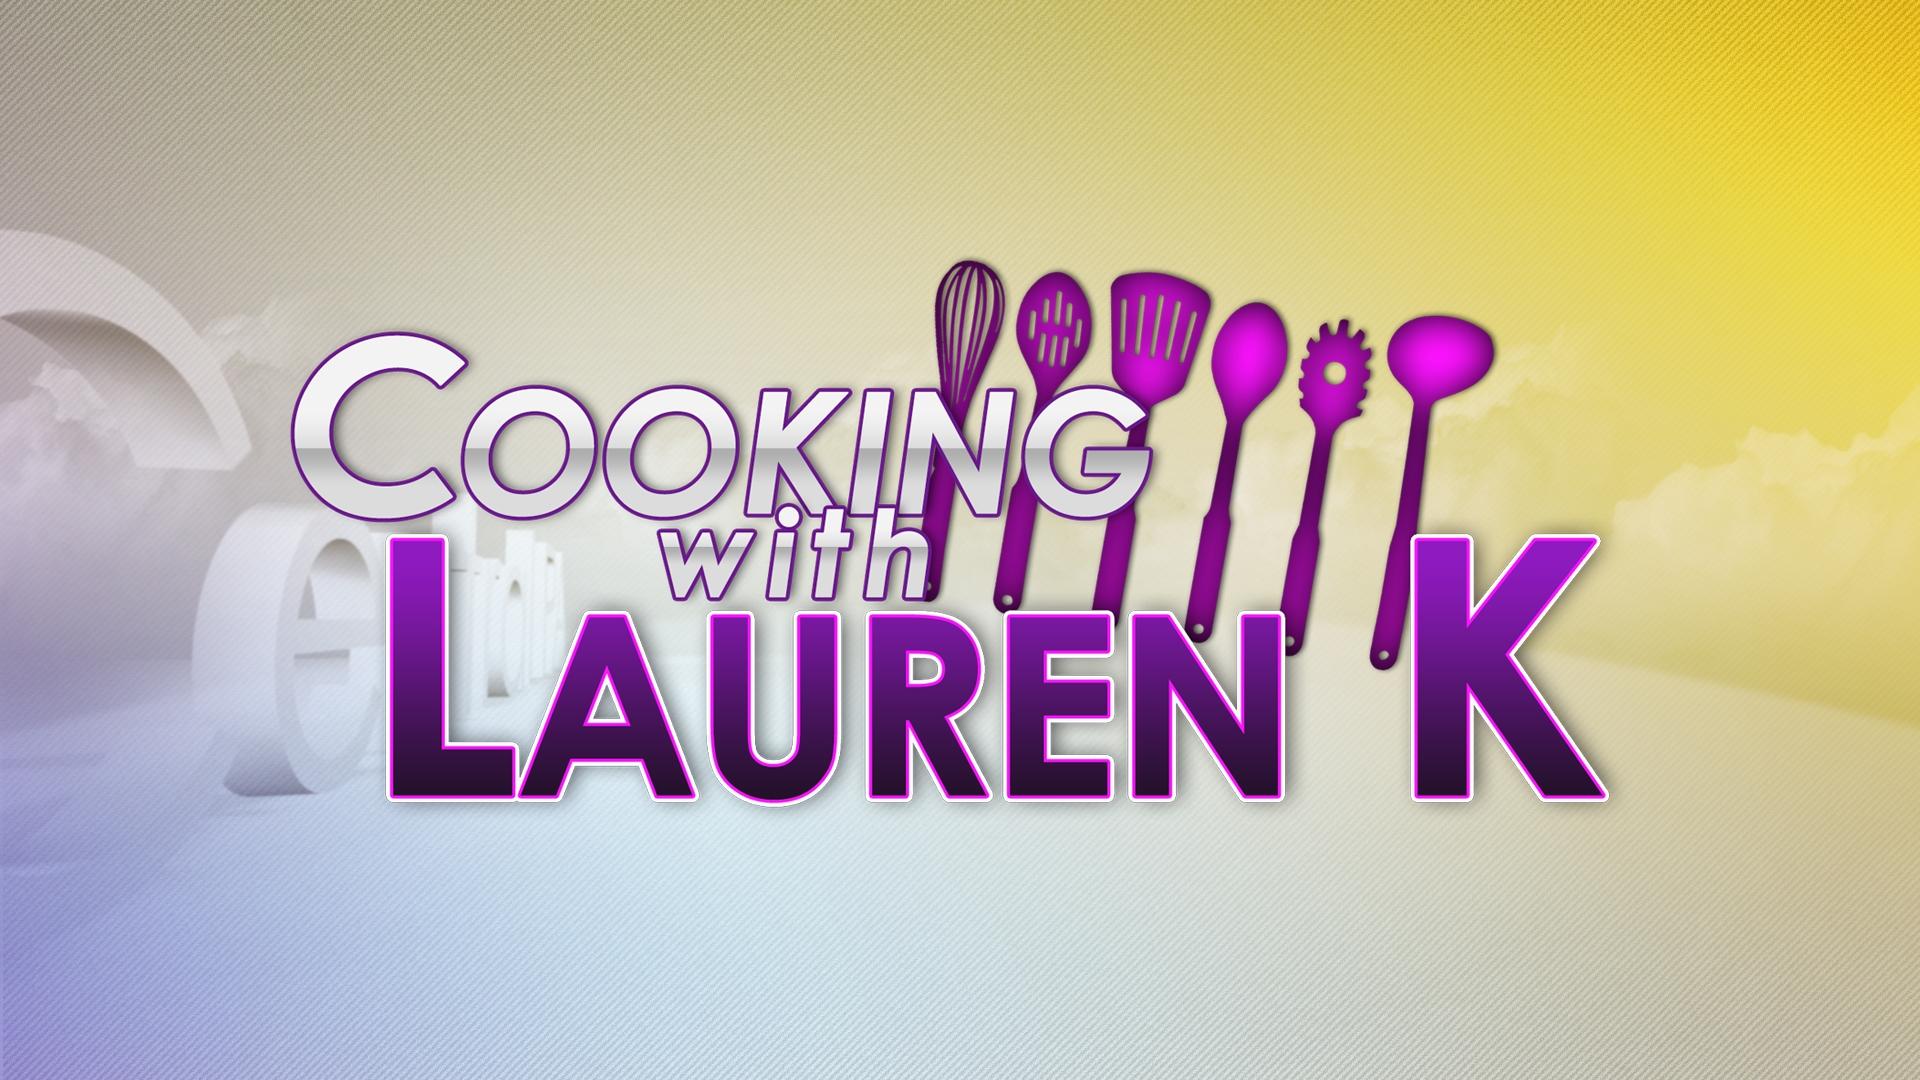 cooking with lauren k logo_1436286795448.JPG